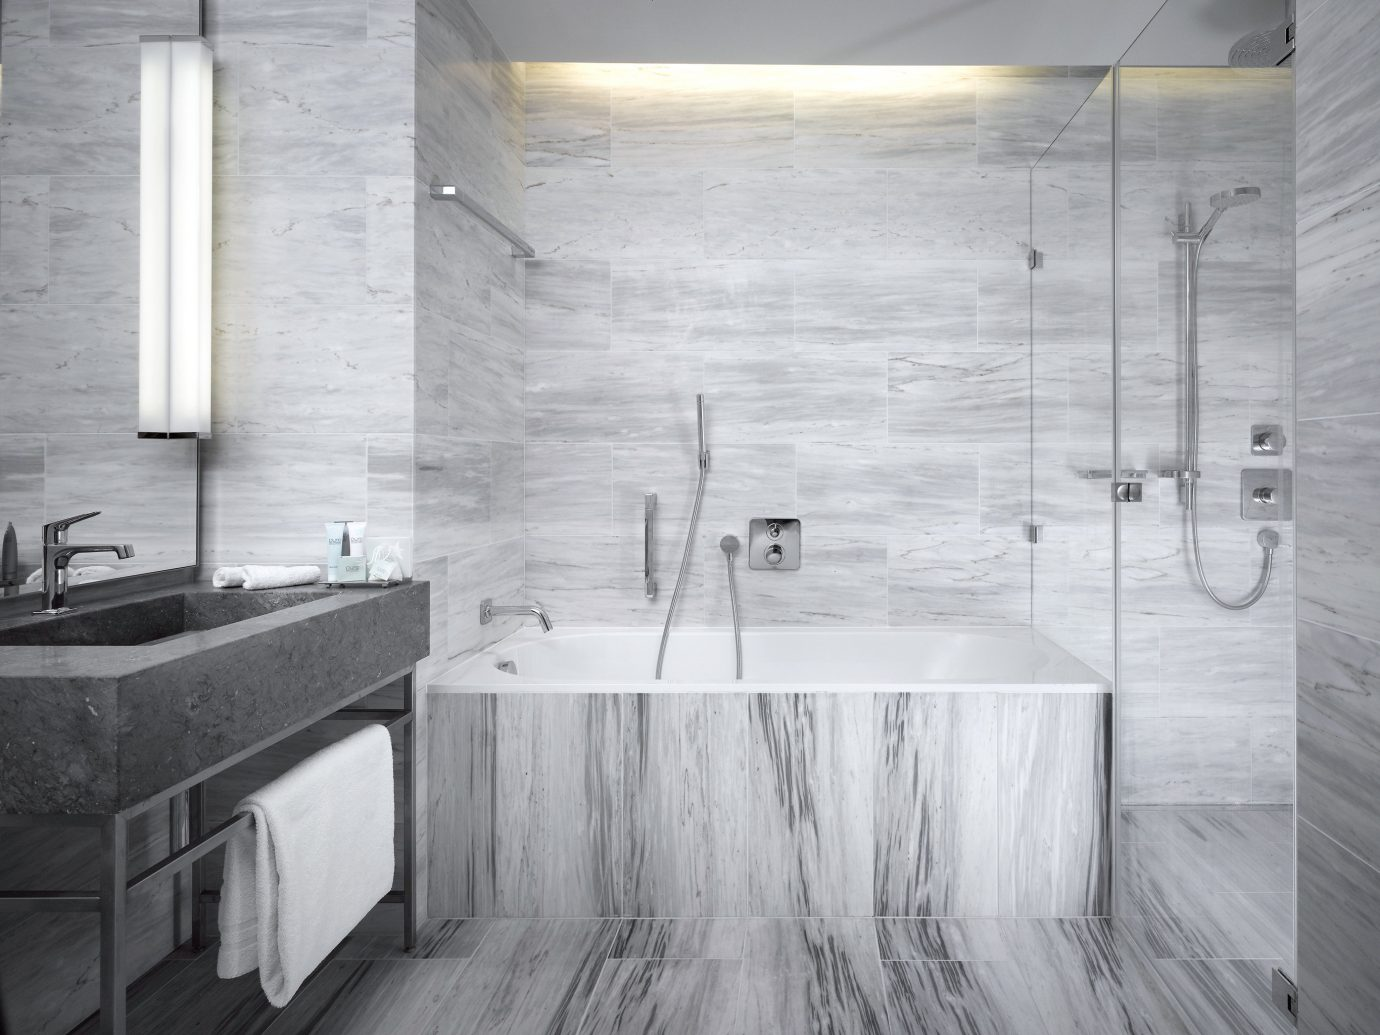 Bath europe Hip Hotels Modern Prague Resort indoor floor room bathroom plumbing fixture interior design tile Design flooring bathtub